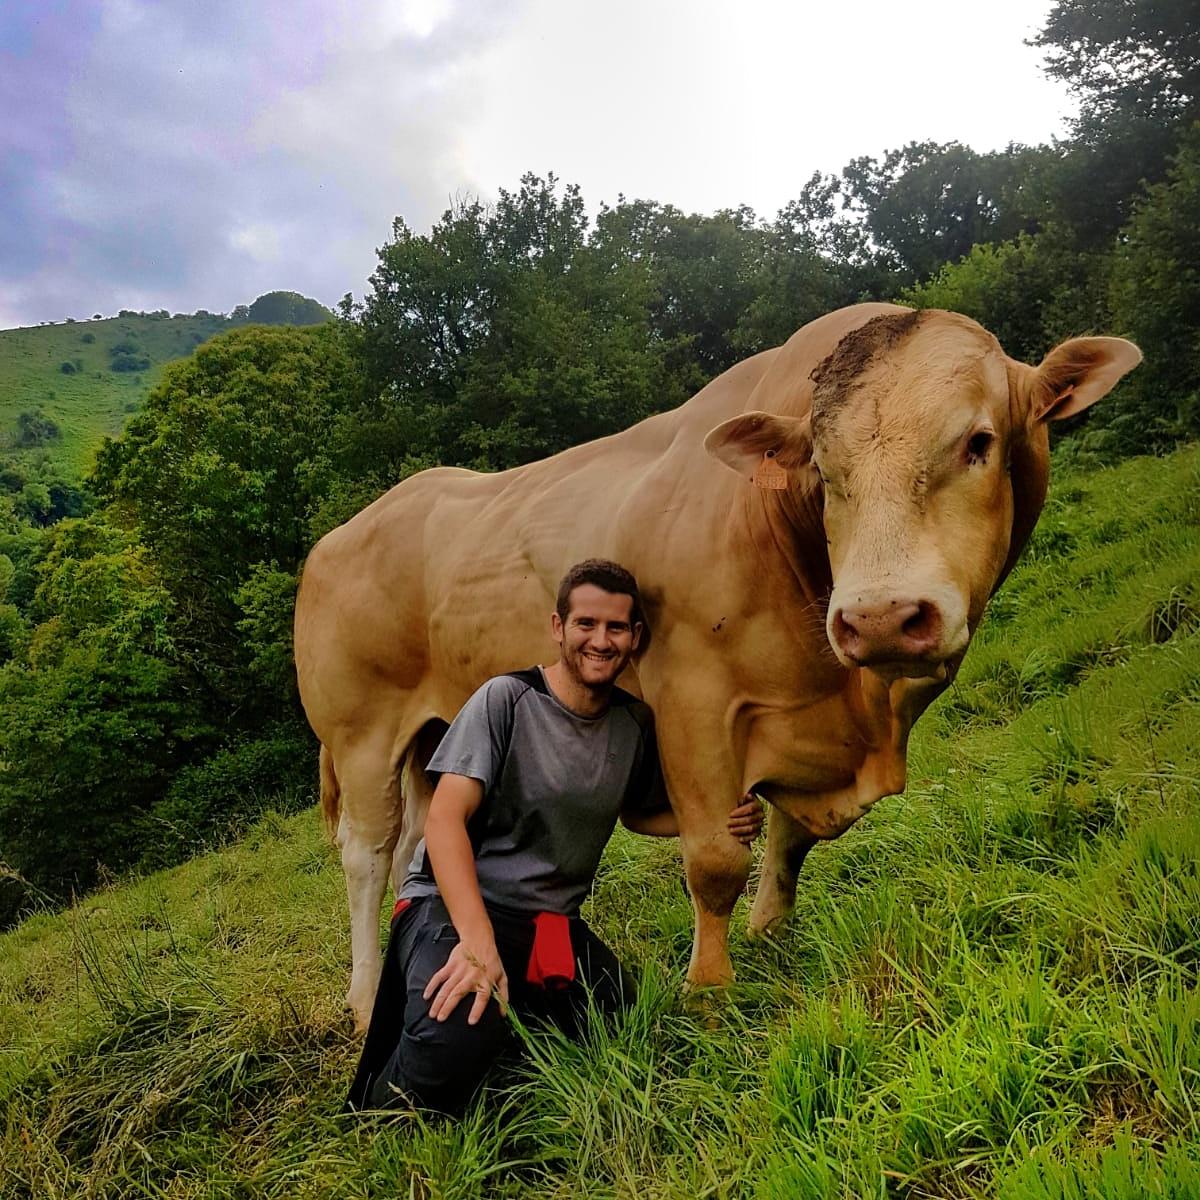 Pello Sarratea Sanzberro, joven ganadero de porcino, equino y vacuno de carne